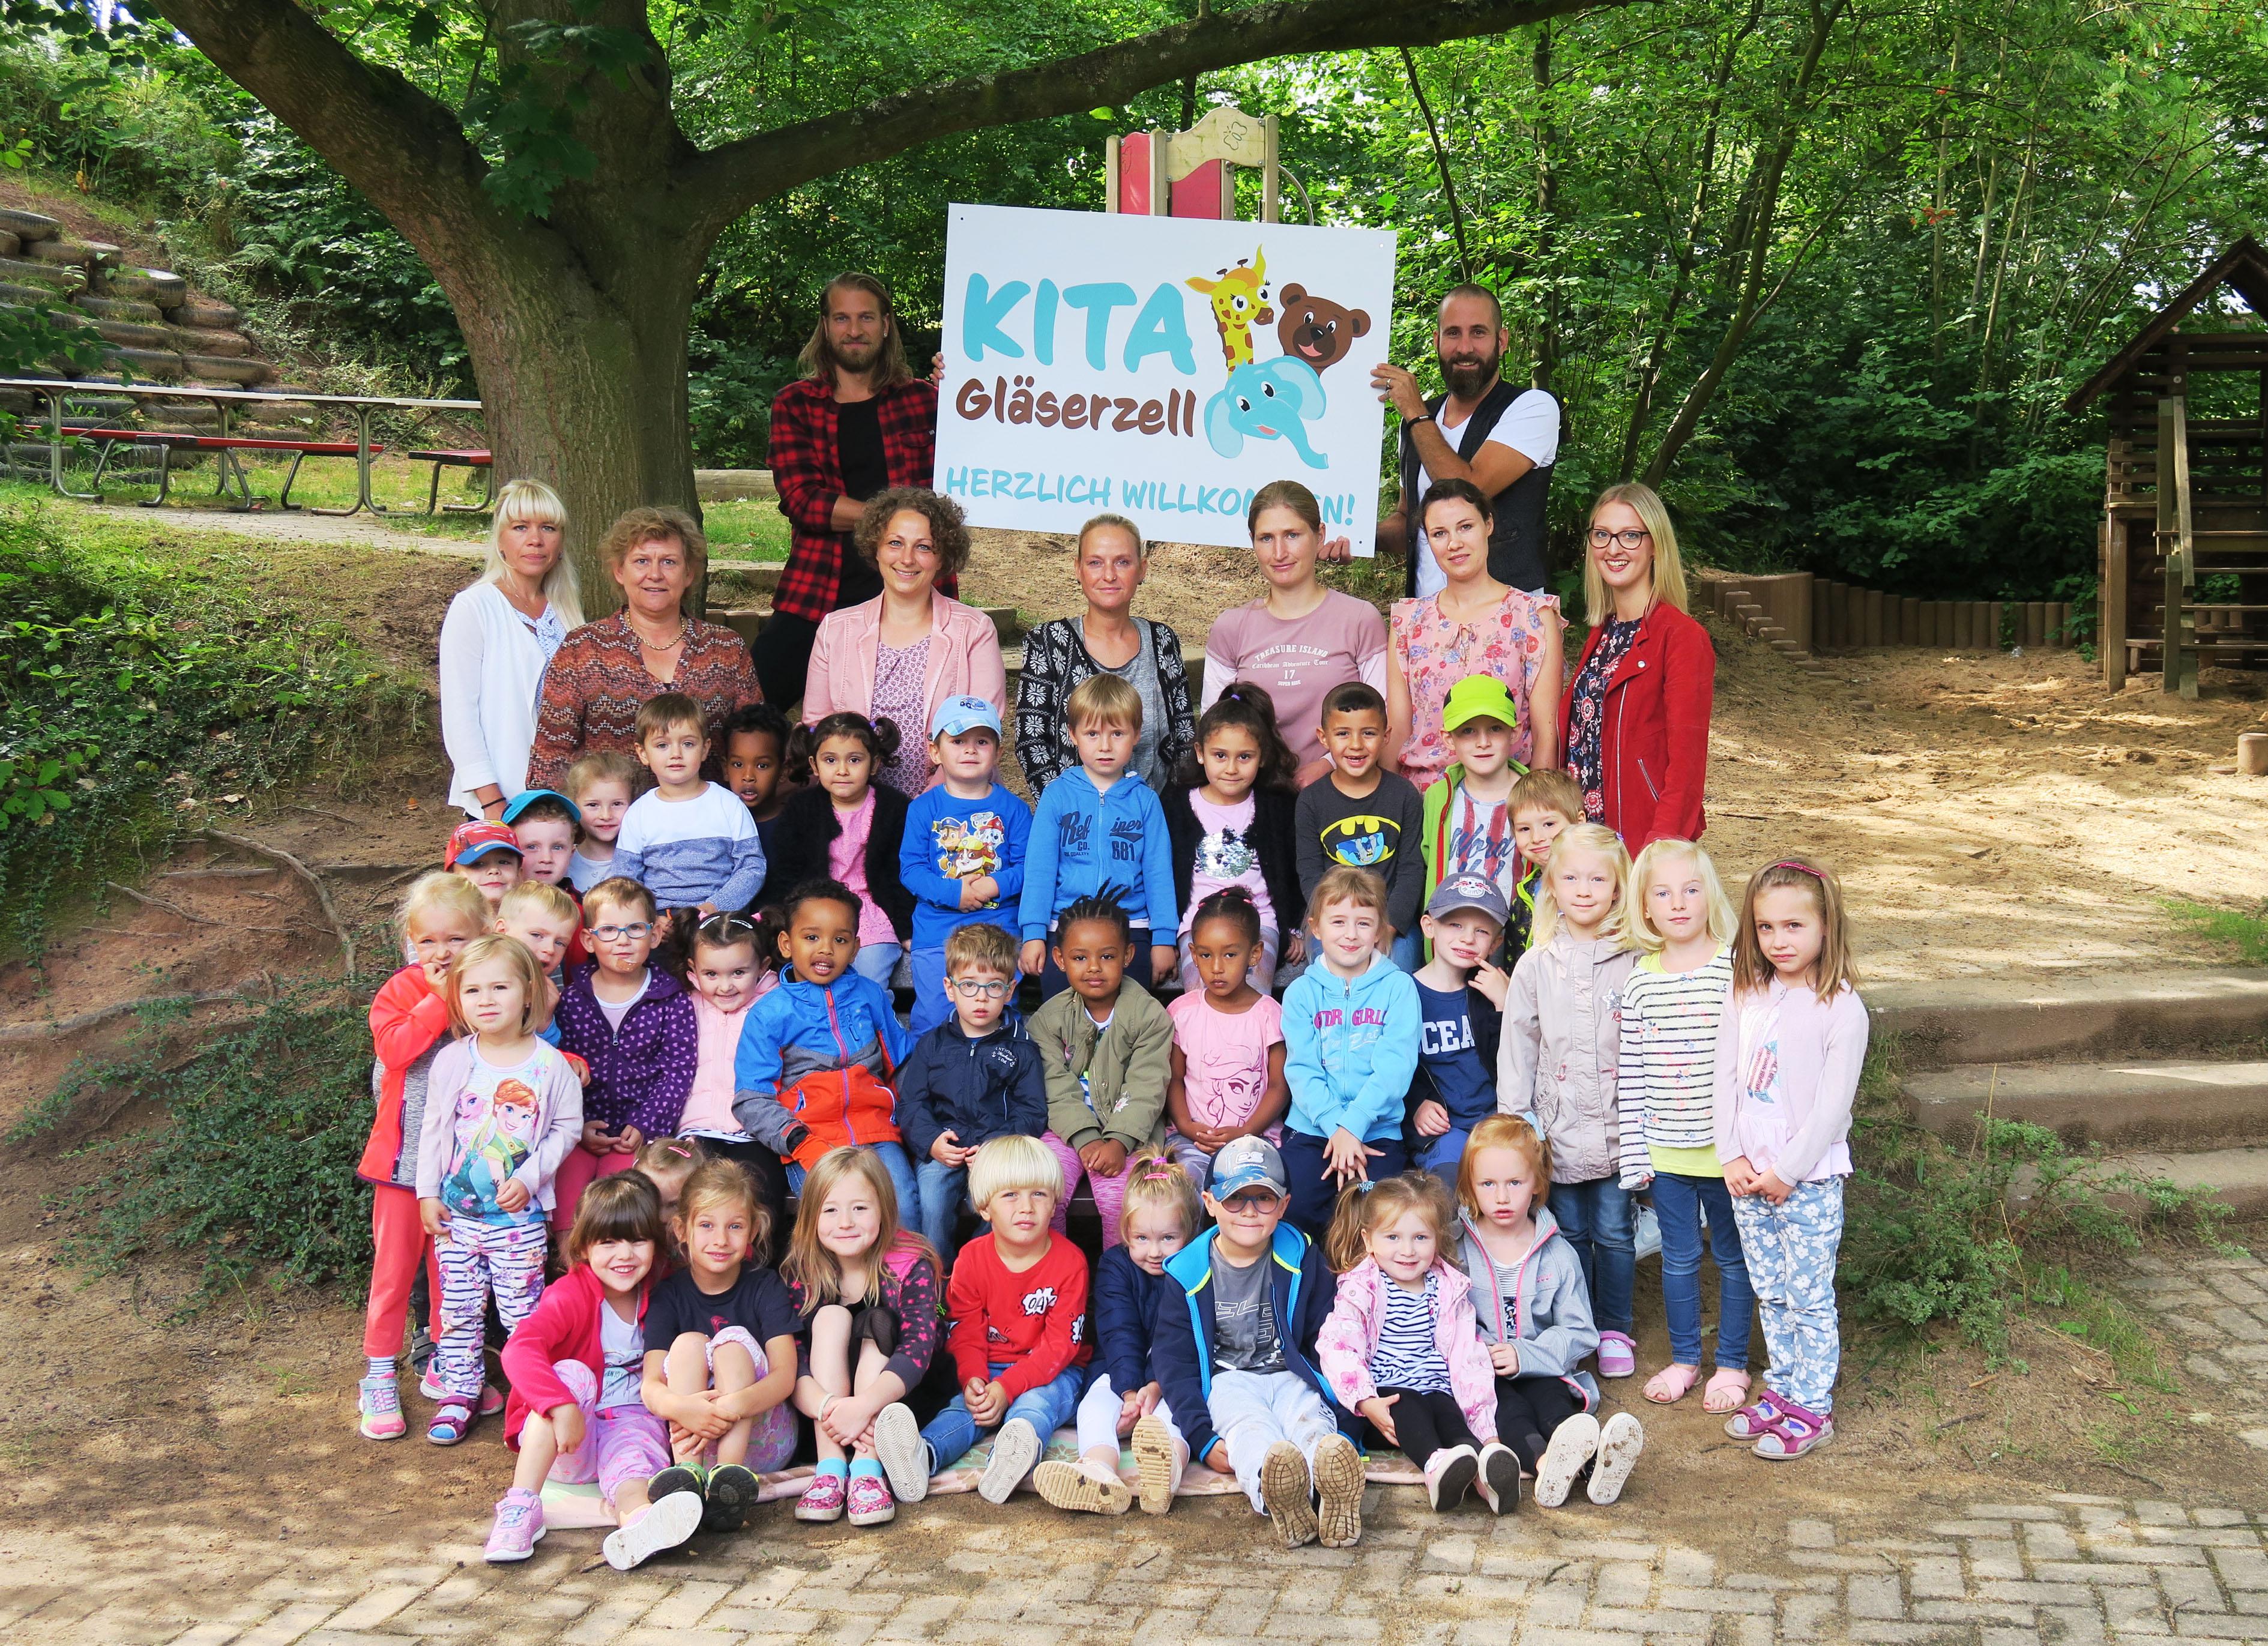 Stadt Fulda: Kita Gläserzell